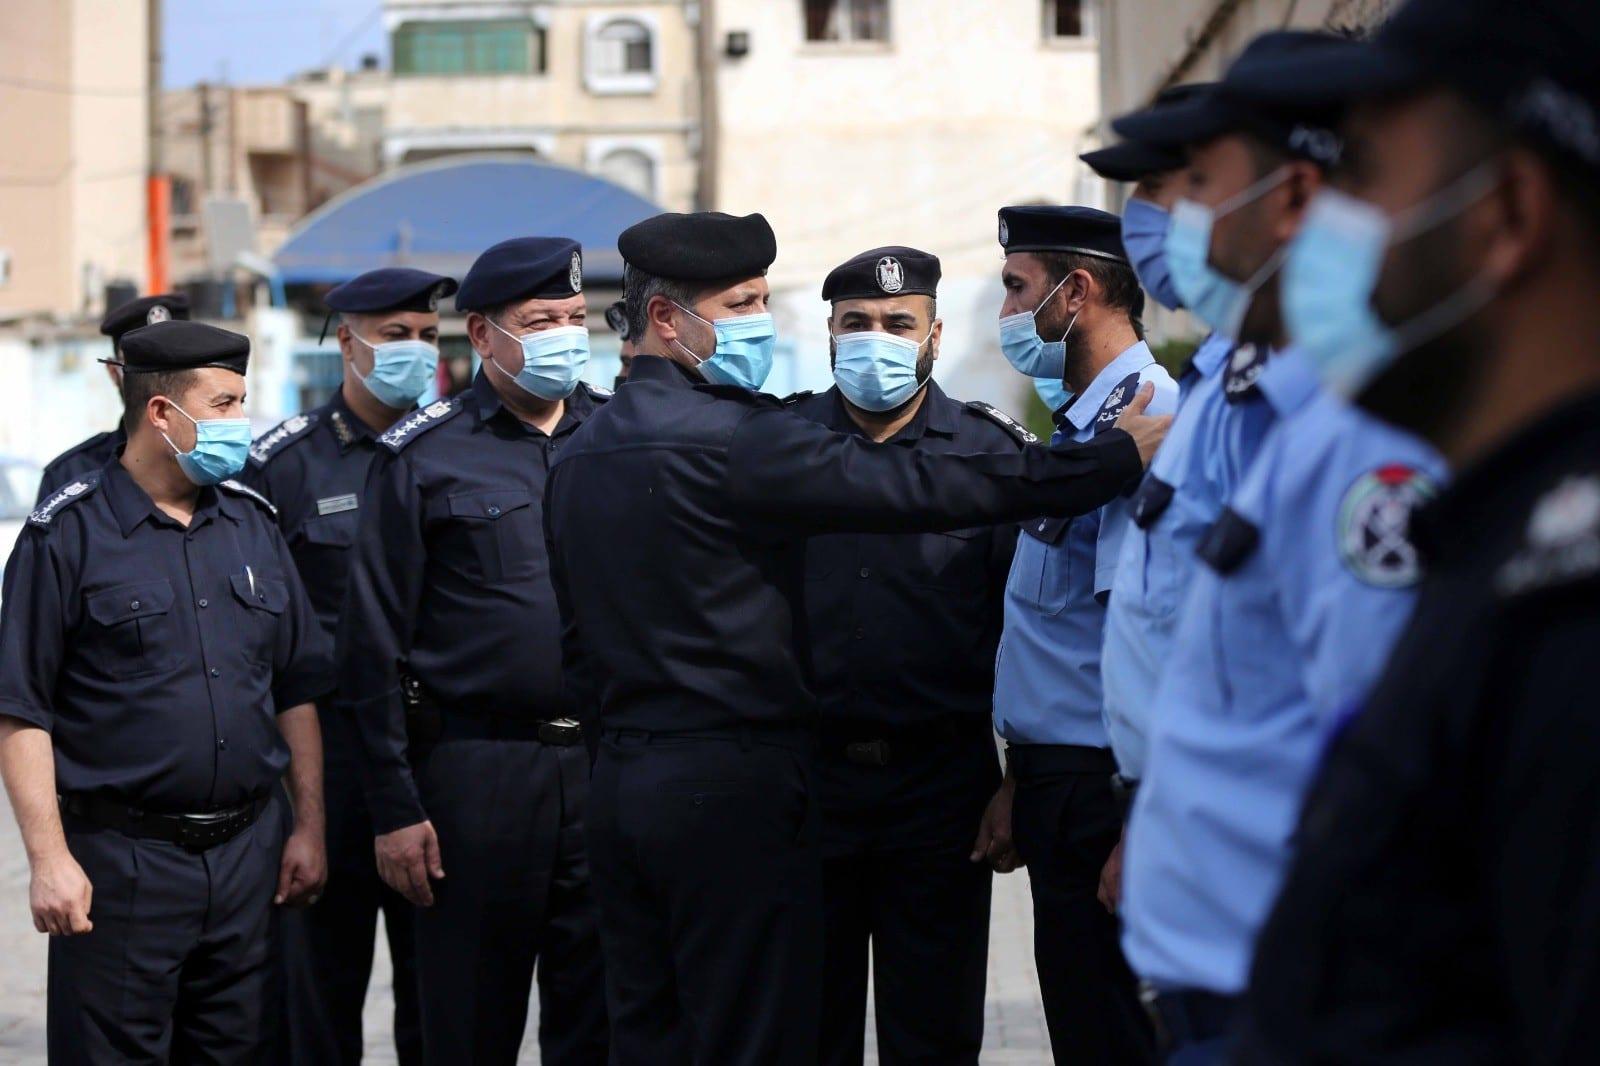 الشرطة بغزة توضح مدى جهوزيتها لتأمين العملية الانتخابية